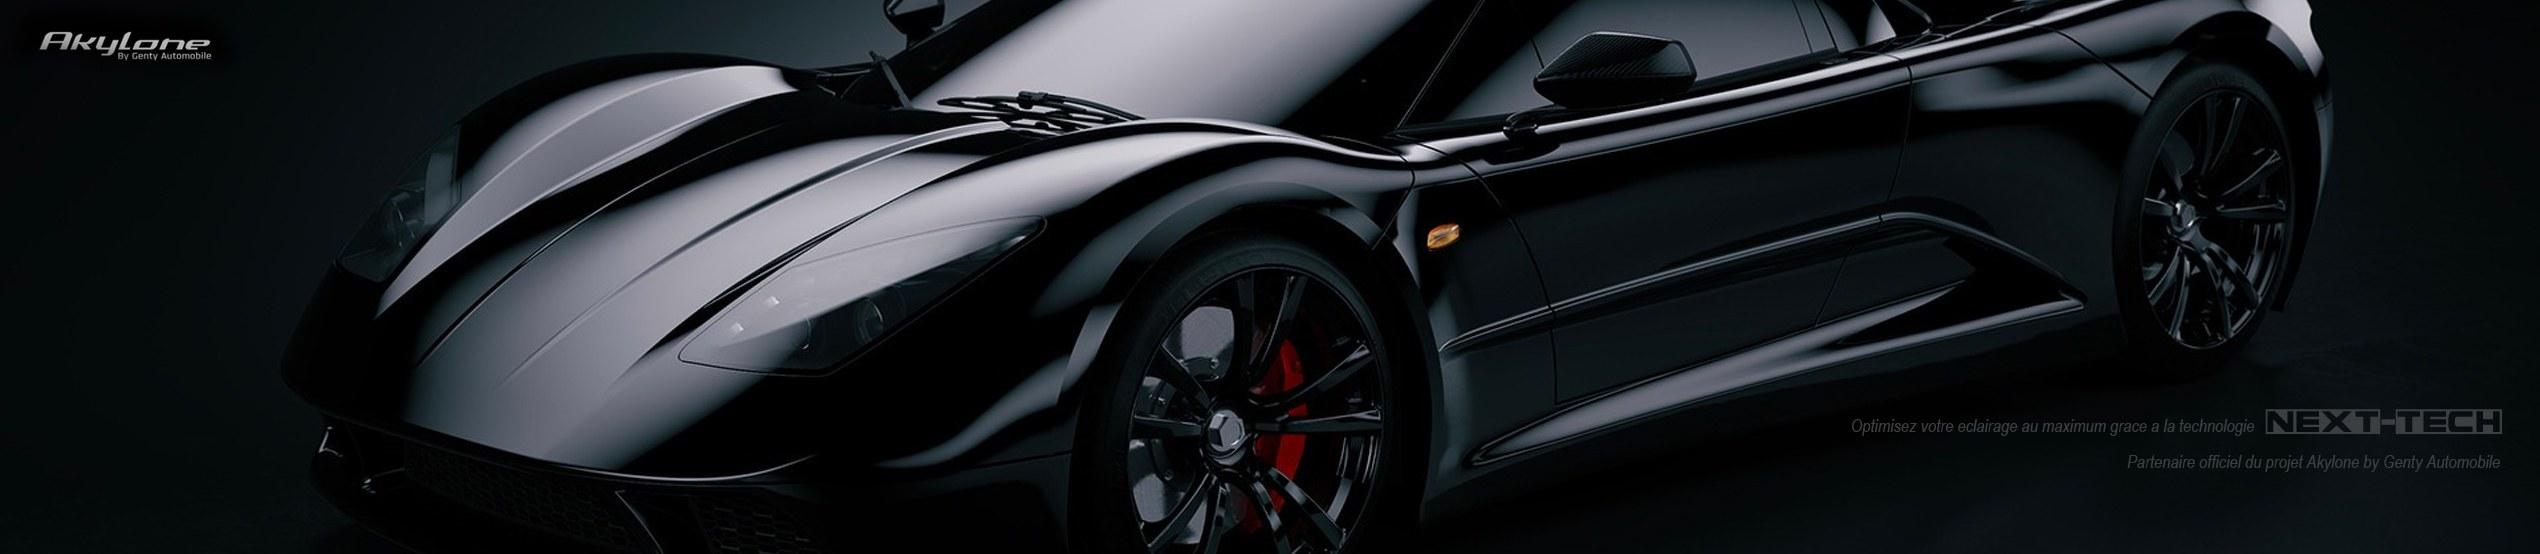 Next-Tech France éclairage automobile haut de gamme, partenaire du projet Akylone by Genty Automobile